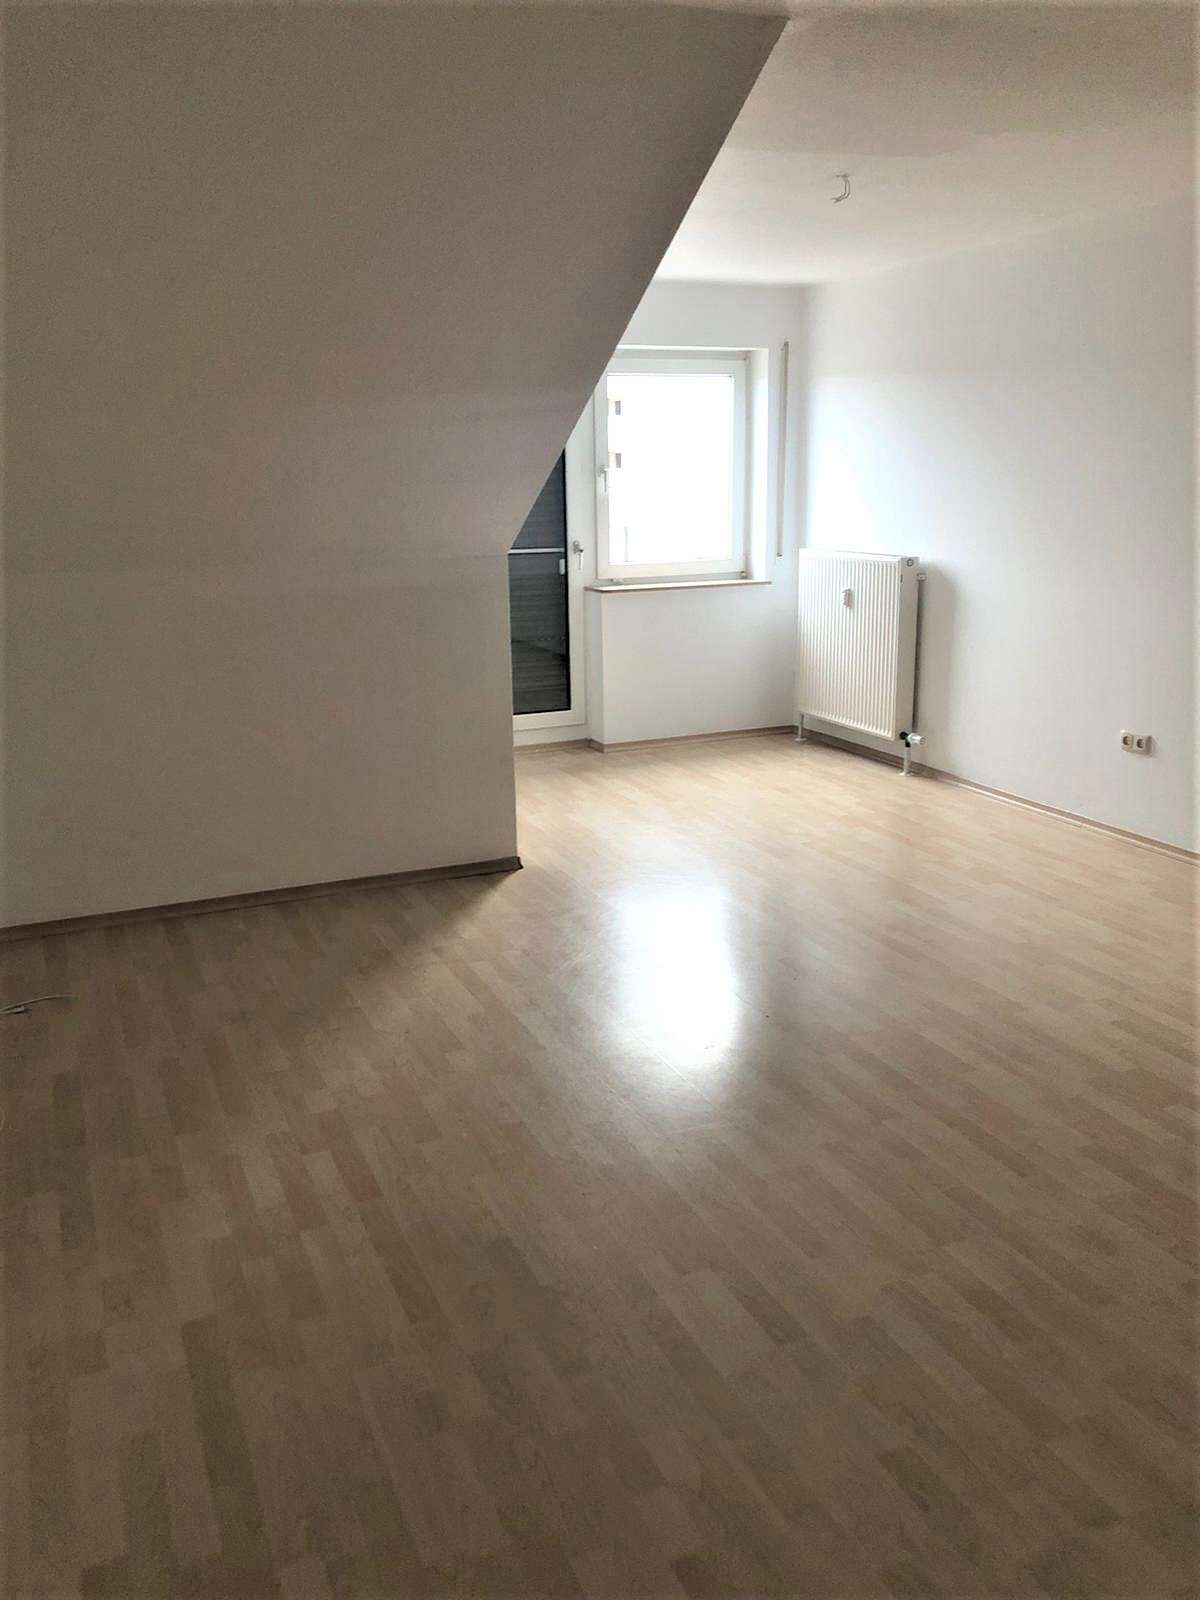 3-Zimmer-Dachgeschosswohnung mit Balkon/EBK in Rottendorf bei Würzburg in